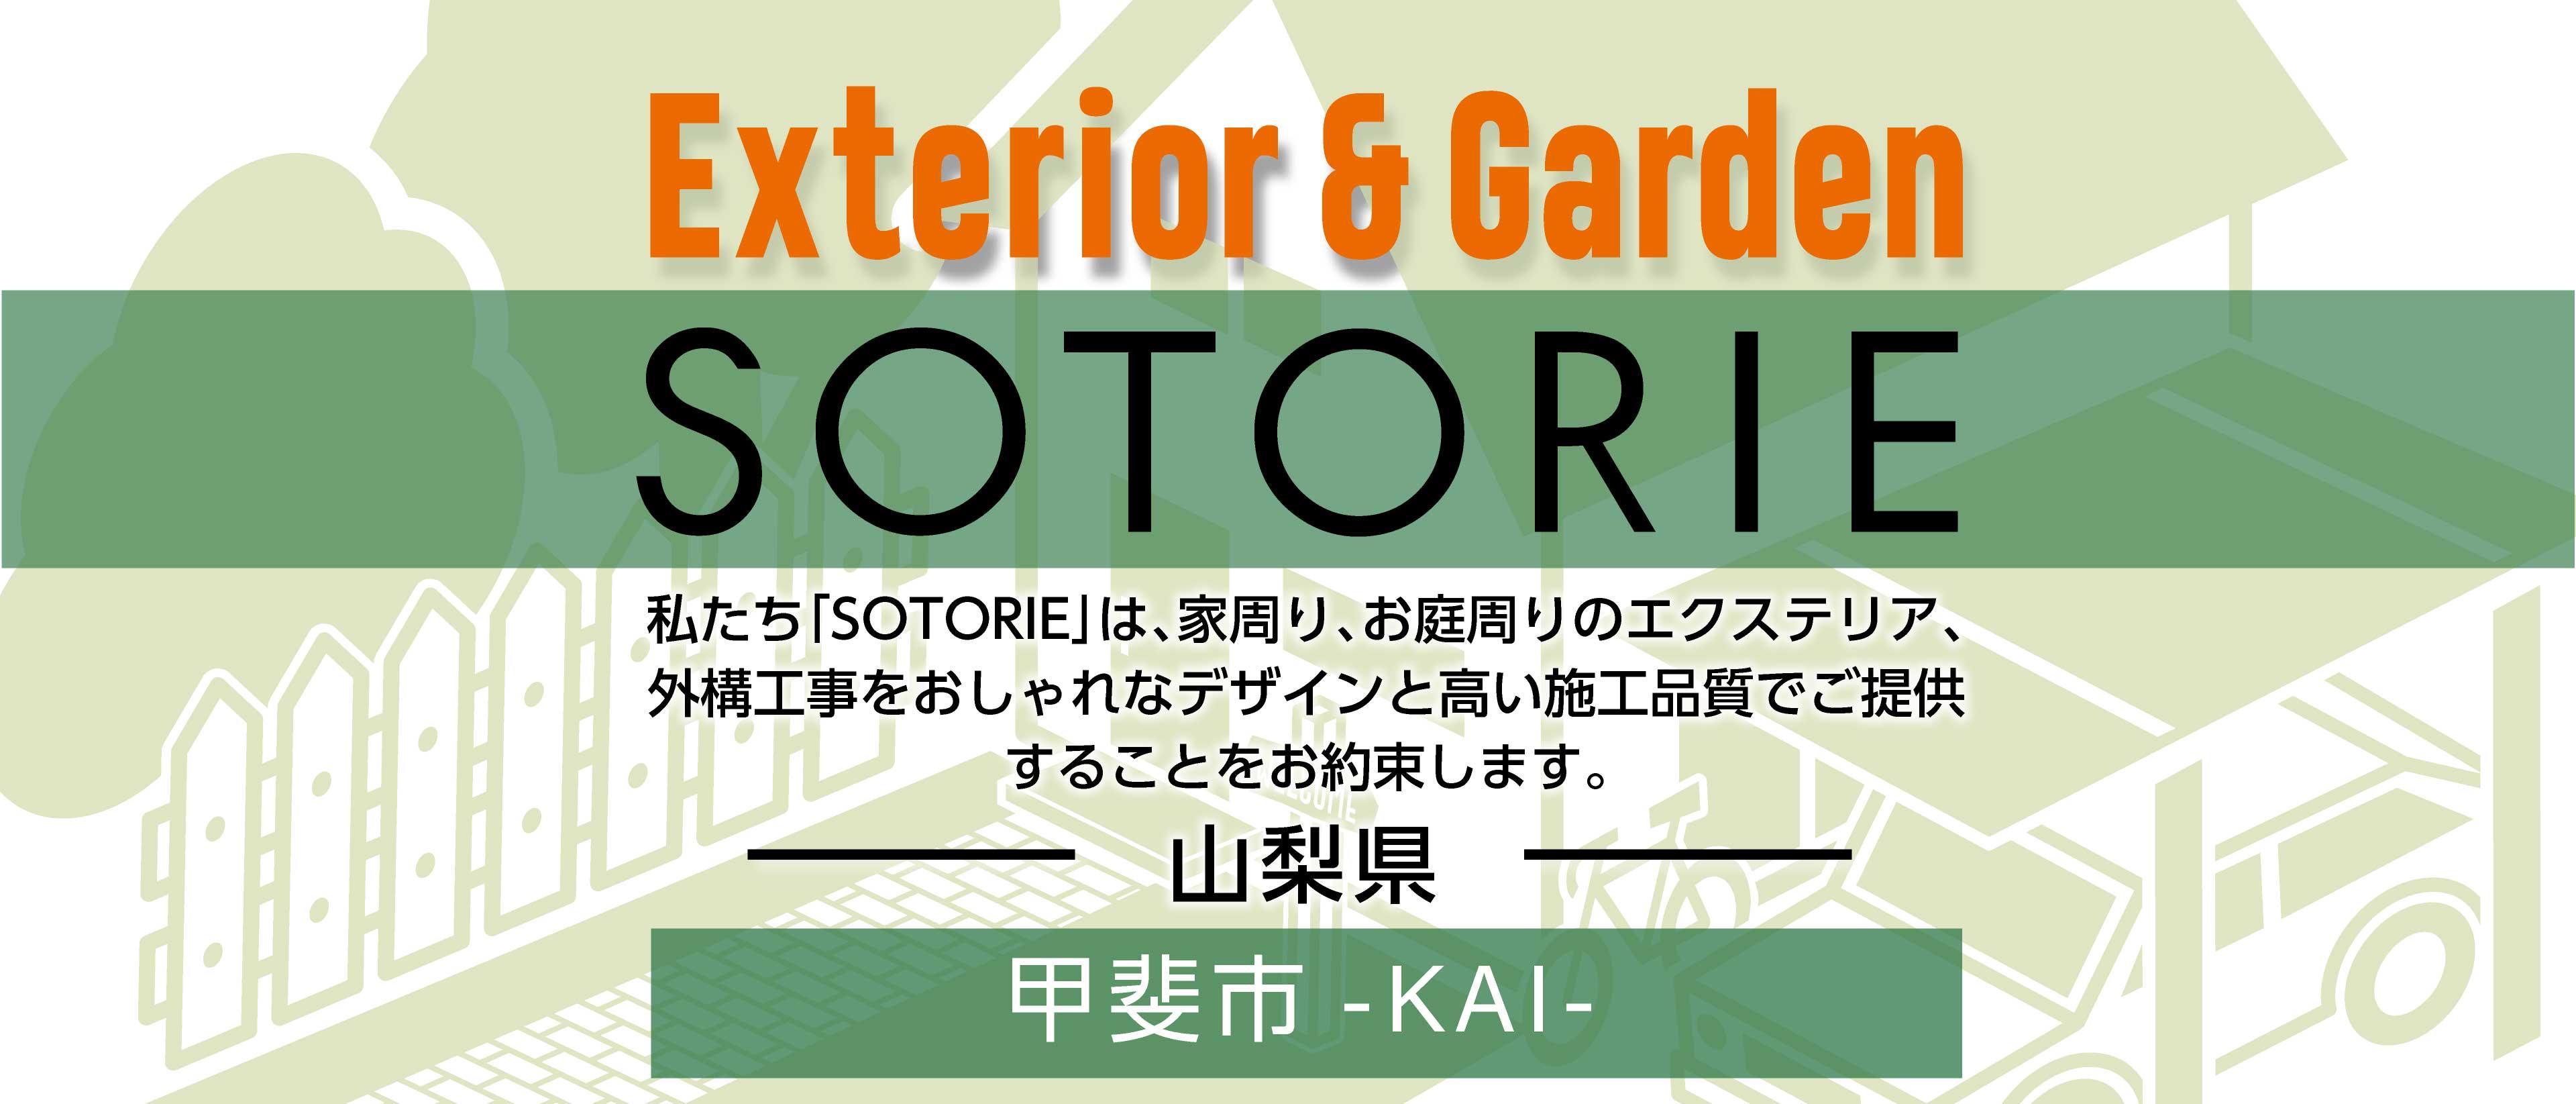 ソトリエ甲斐市では、家周りと庭周りの外構、エクステリア工事をおしゃれなデザインと高い施工品質でご提供することをお約束します。